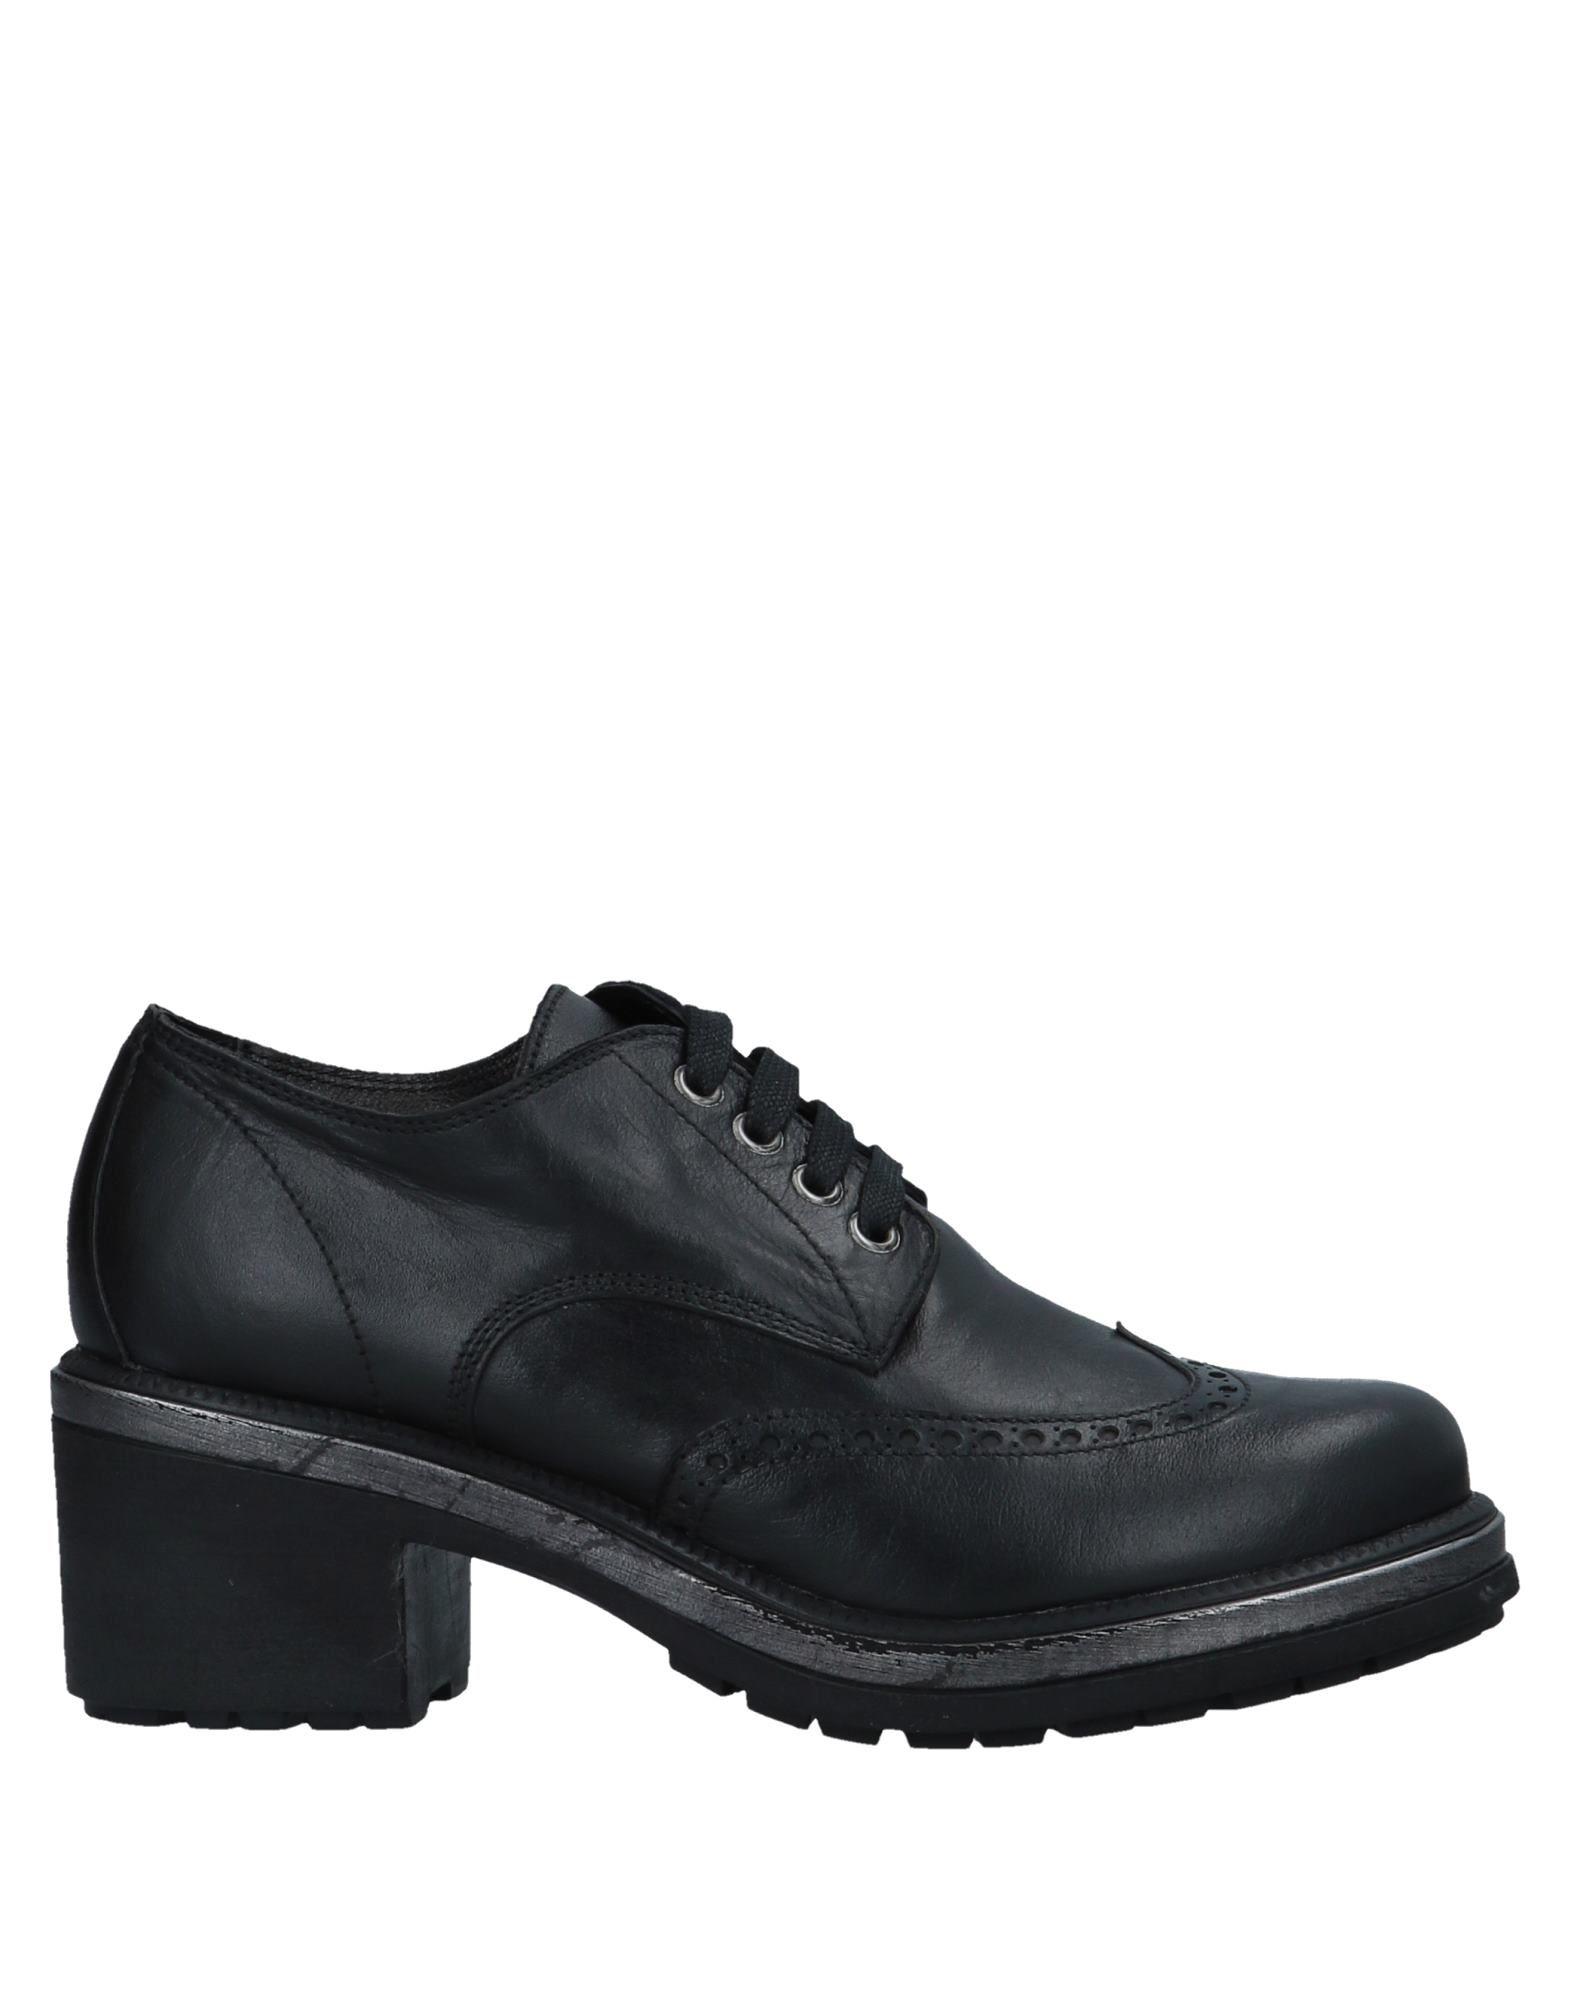 Police 883 Schnürschuhe Damen  11526290BG Gute Qualität beliebte Schuhe